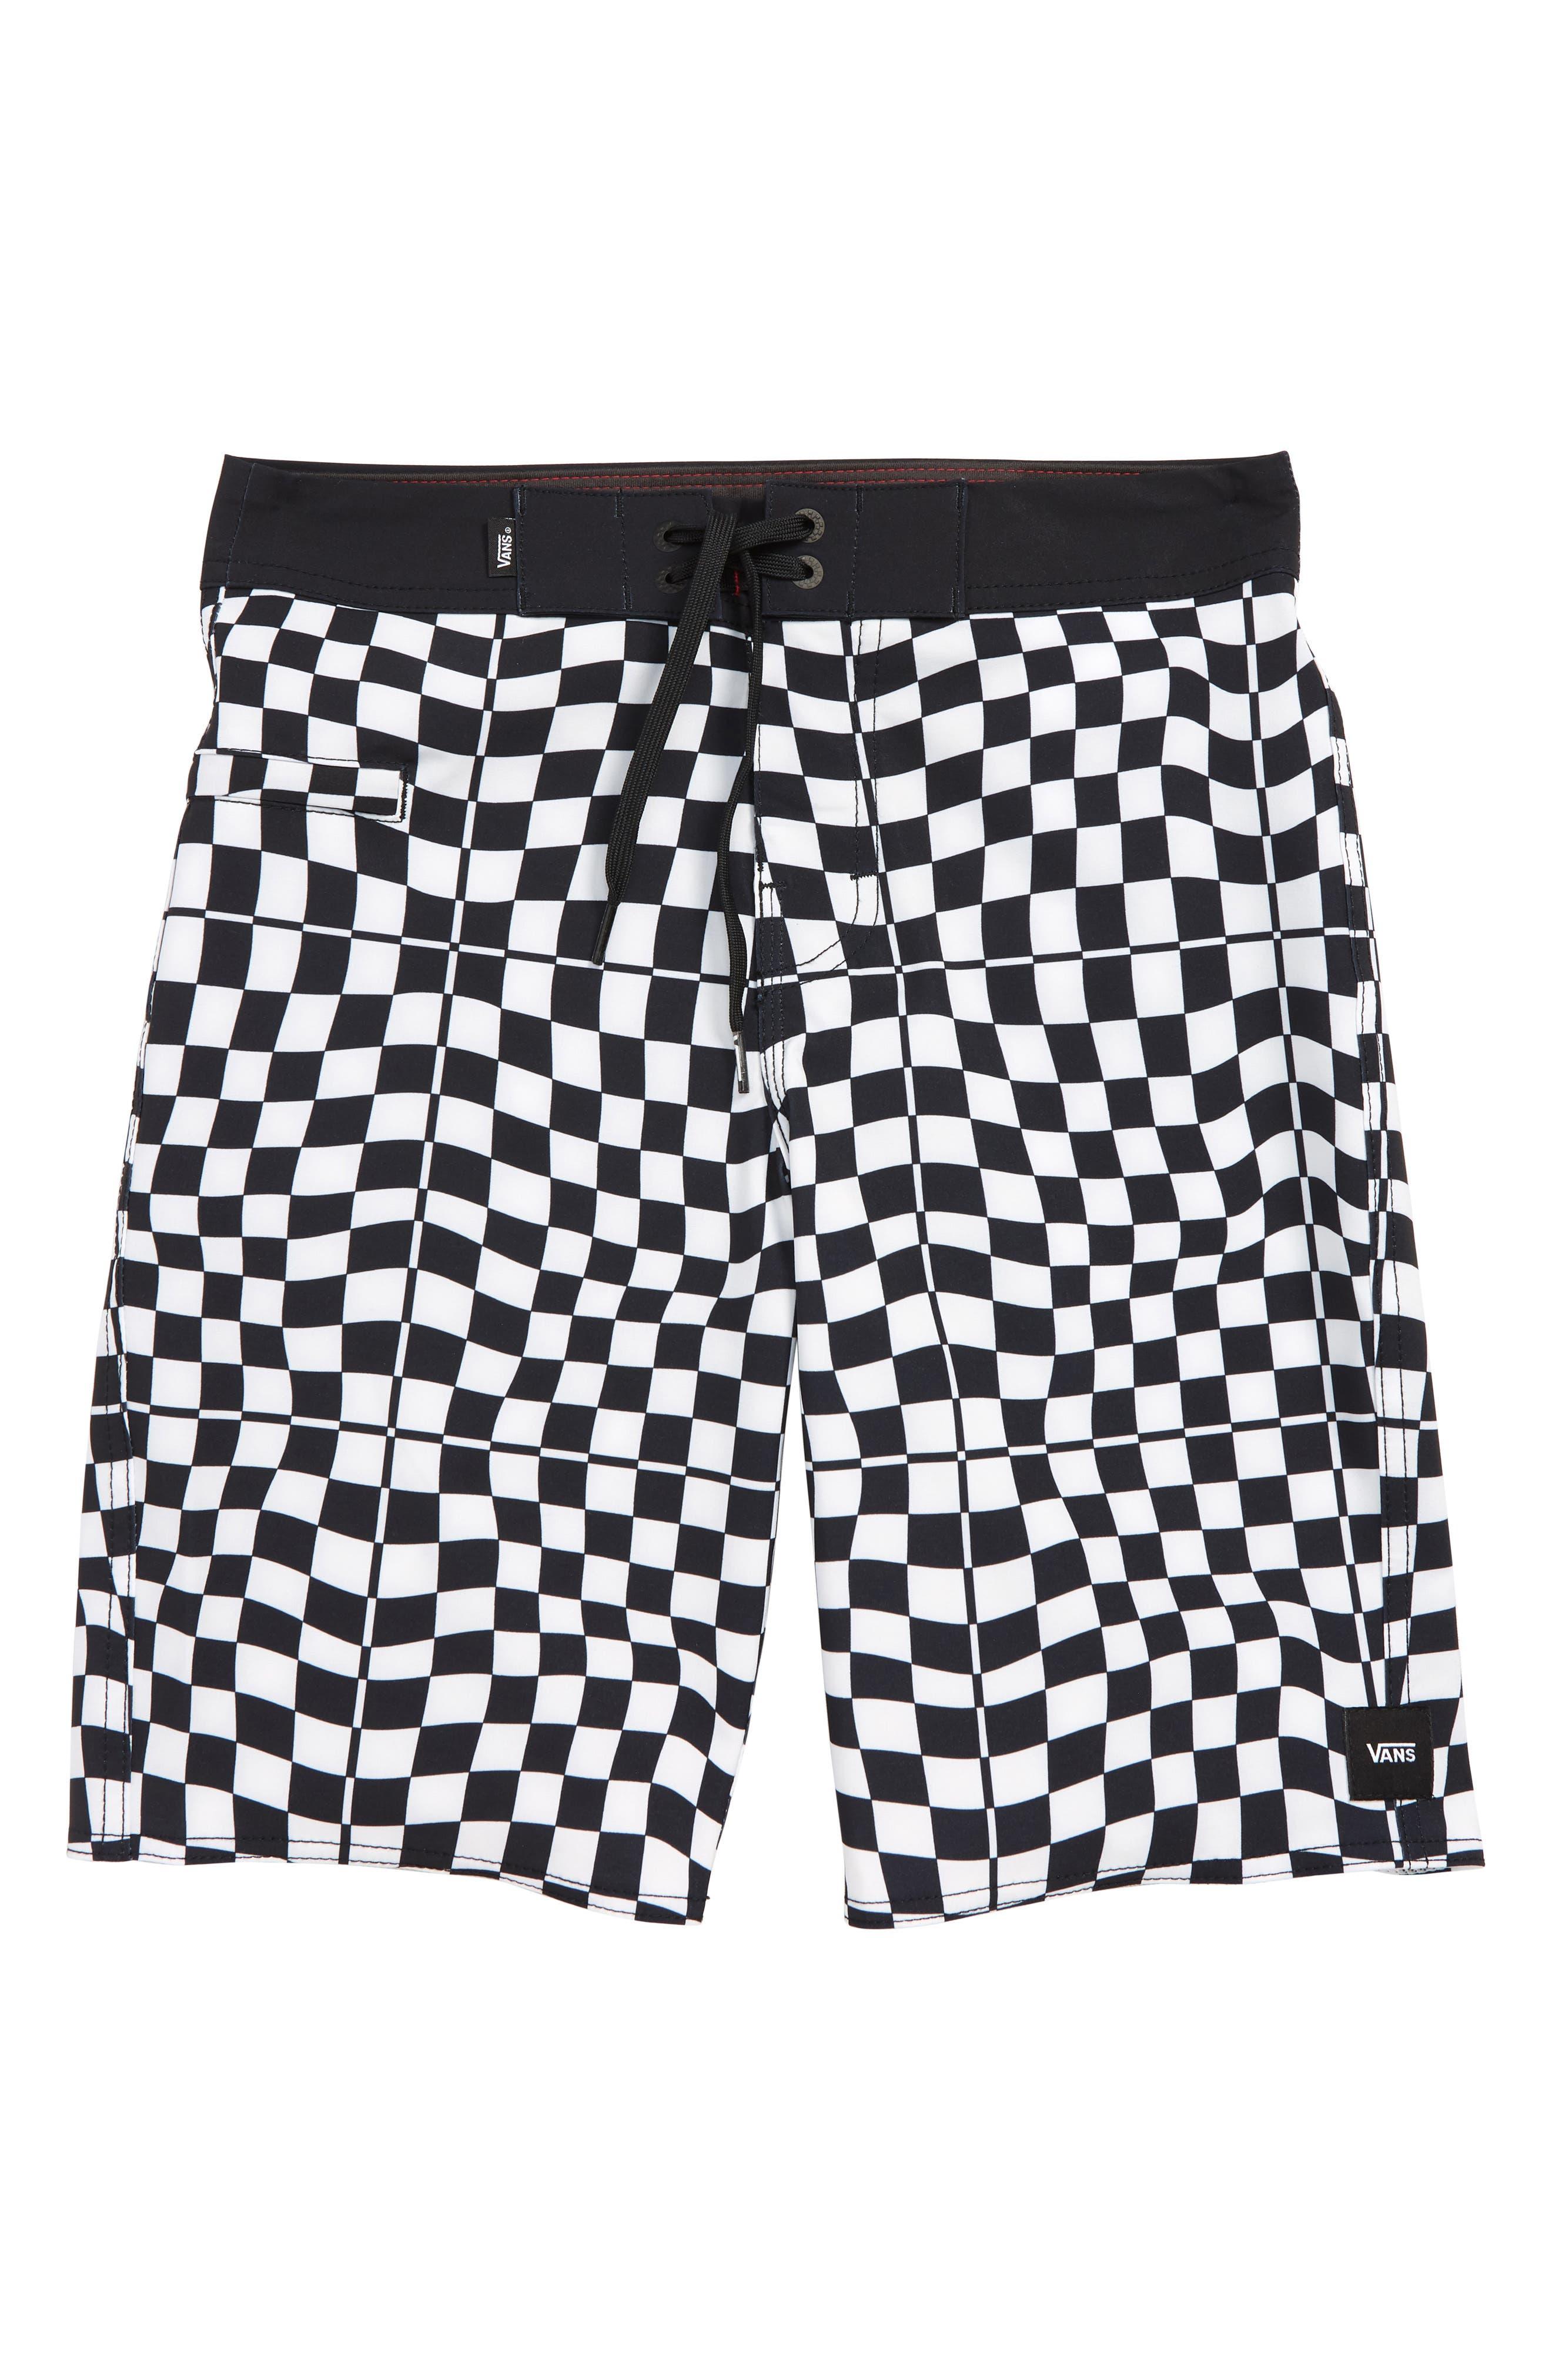 VANS Mixed Check Board Shorts, Main, color, WHITE